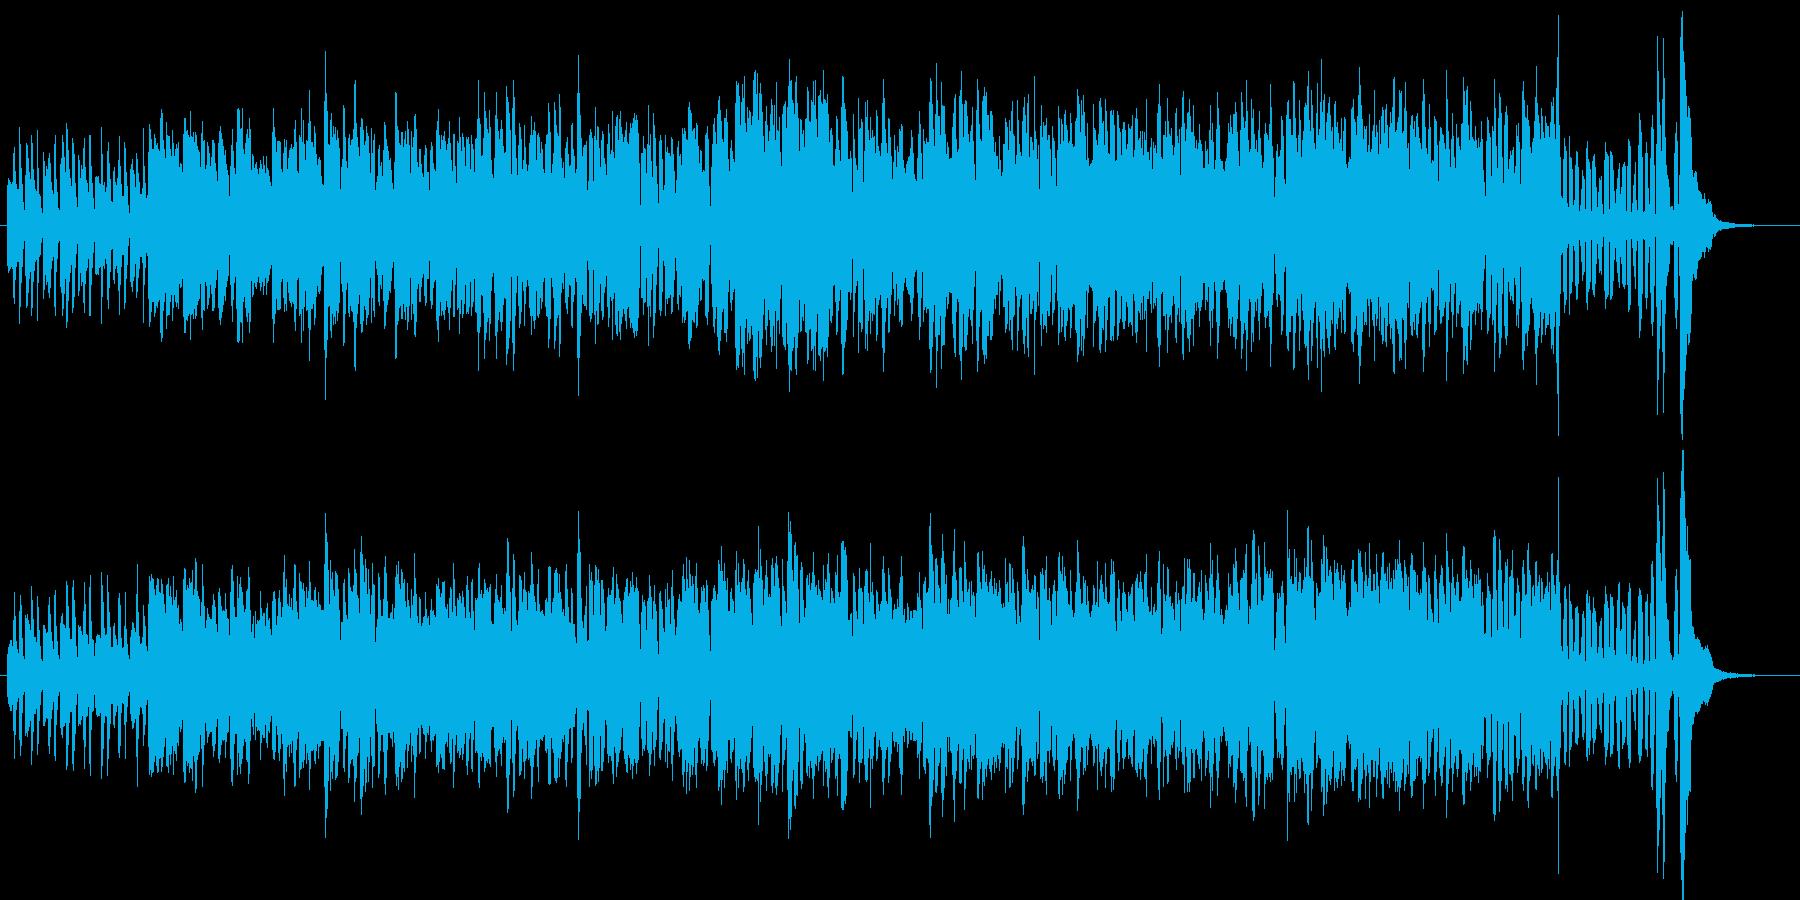 バンドネオンとピアノだけの妖しいワルツの再生済みの波形